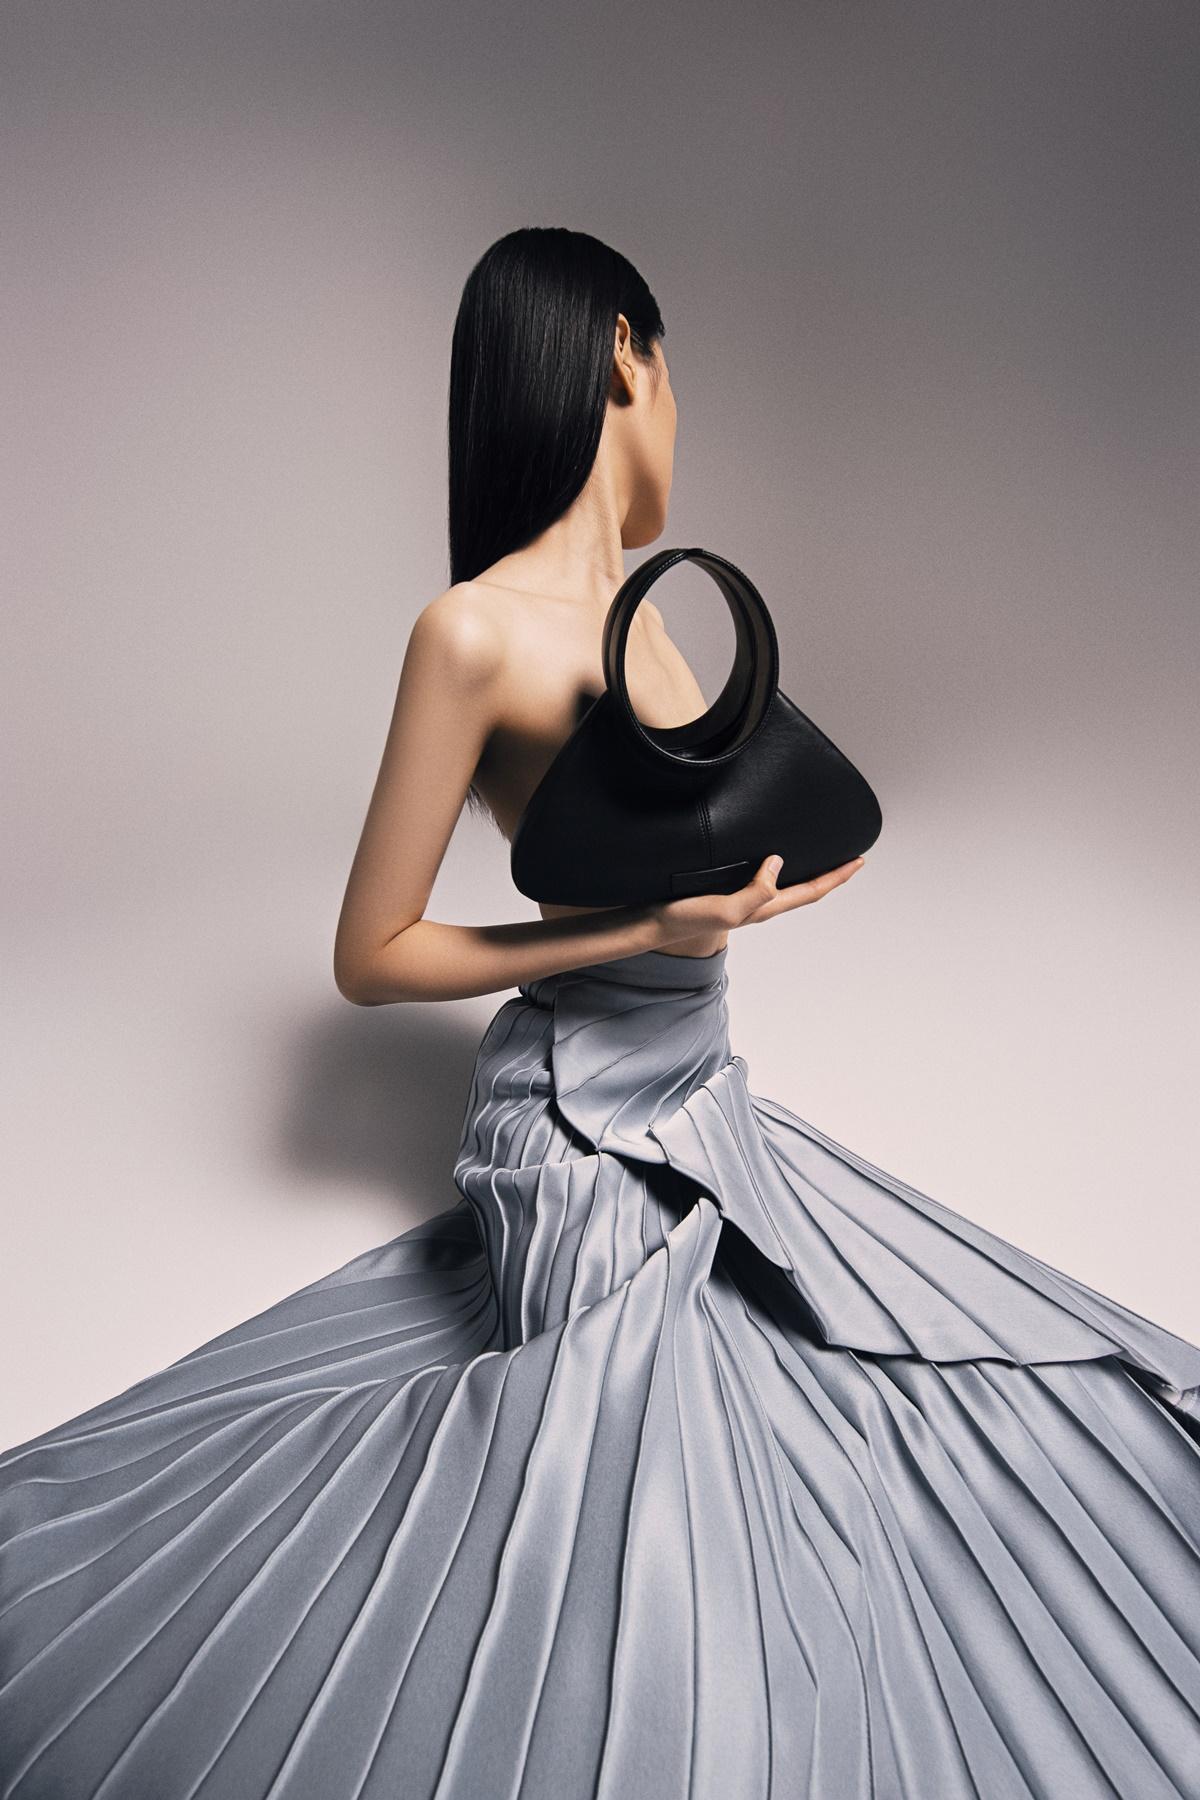 Quai túi được cách điệu từ cổ áo dài truyền thống.